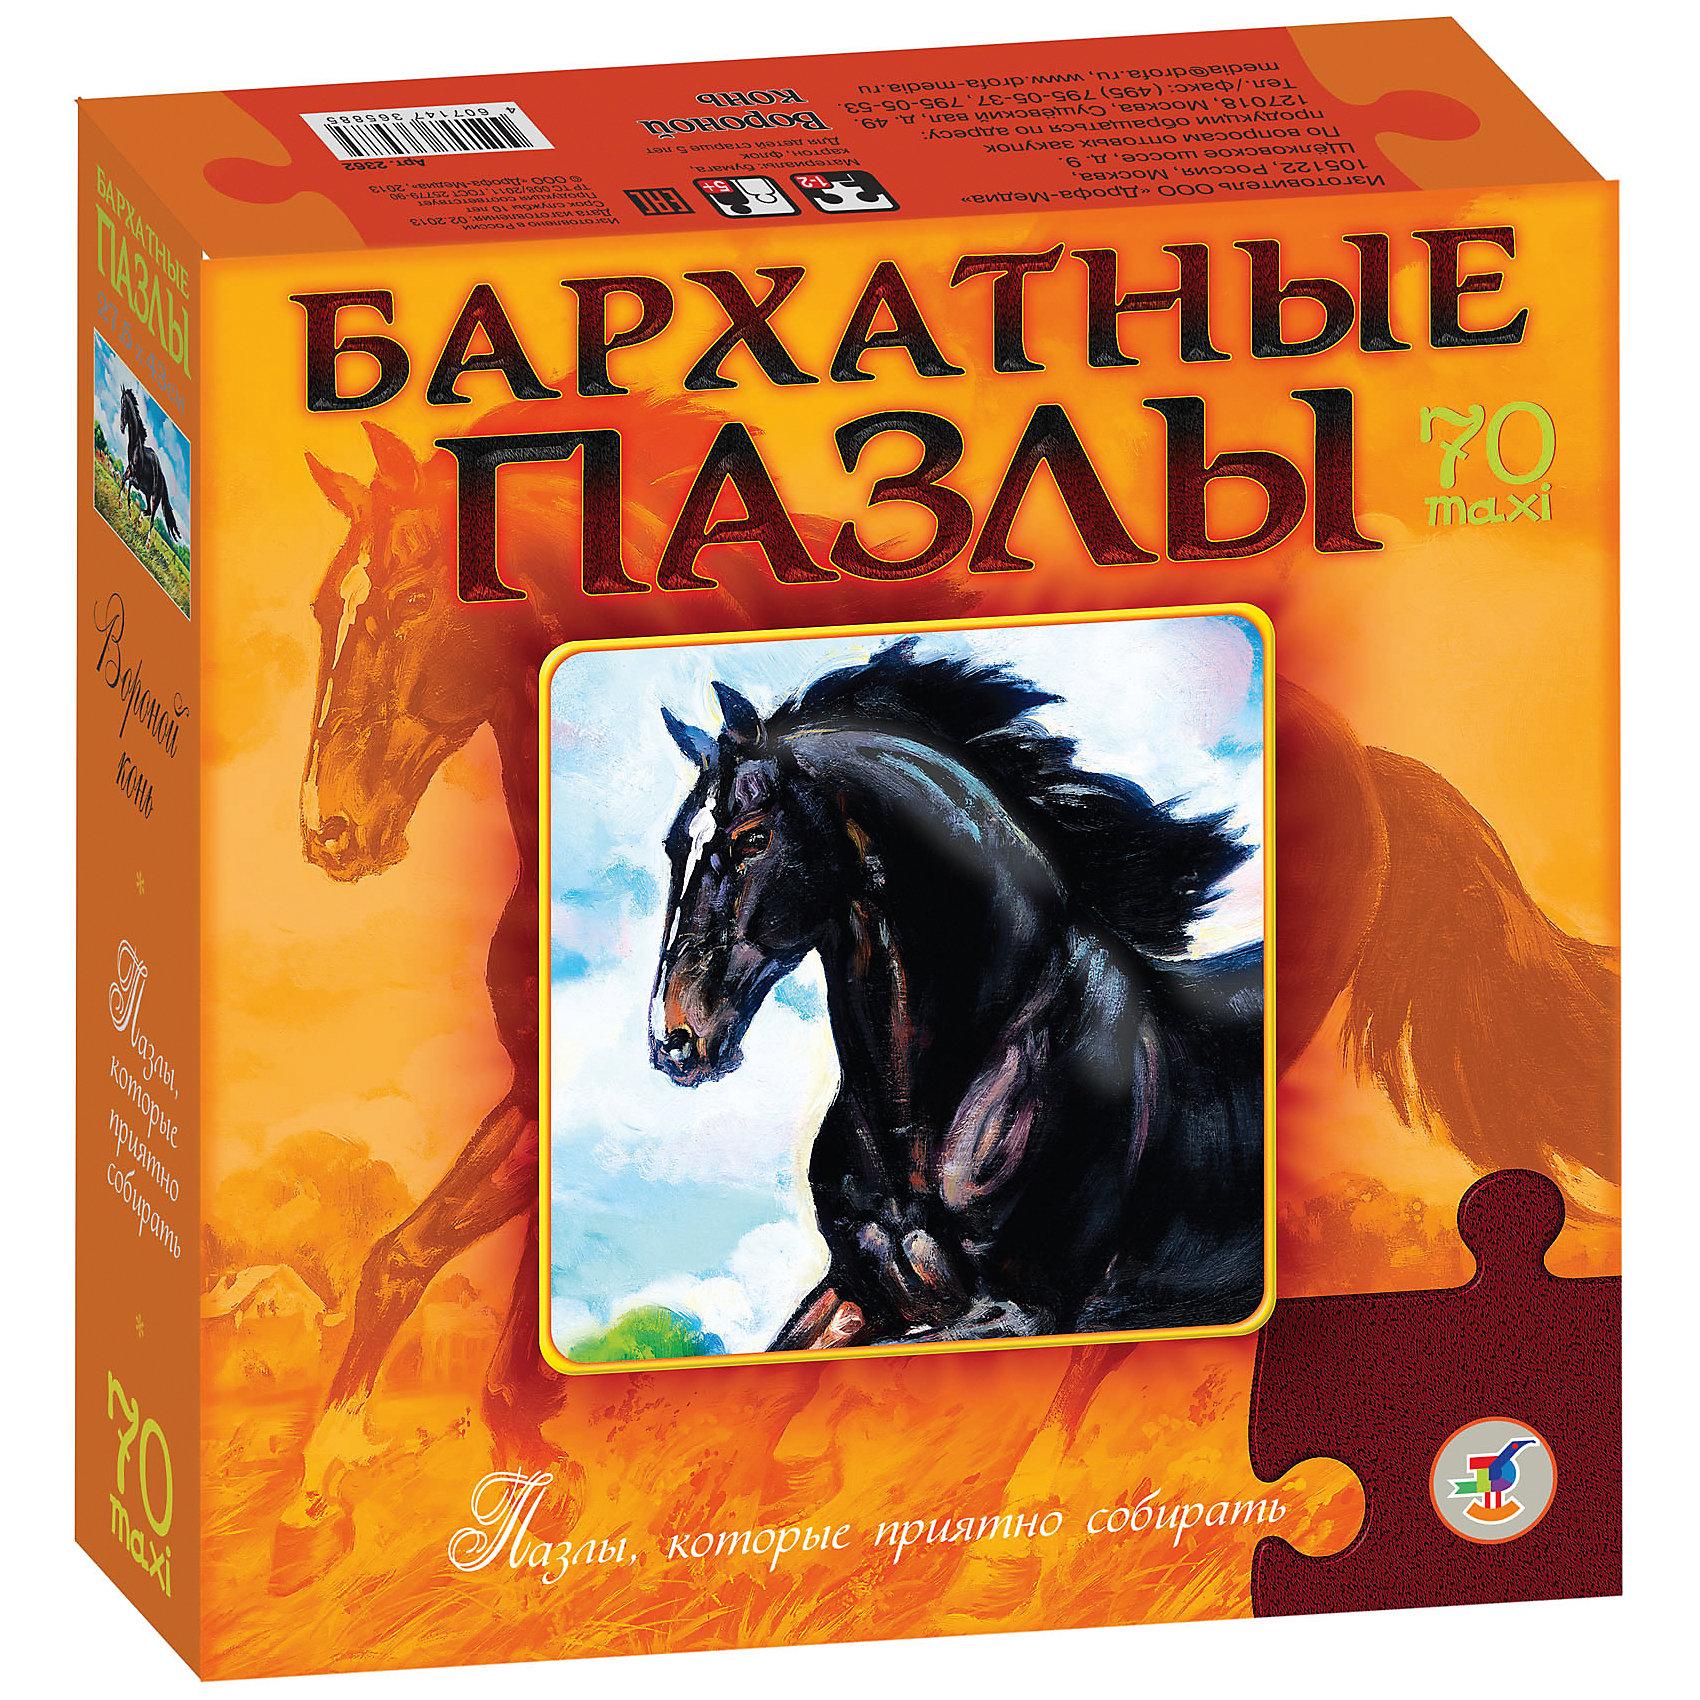 Бархатный пазл Вороной конь, черный, Дрофа-МедиаХарактеристики  пазла Бархатный Вороной конь:<br><br>- возраст: от 5 лет<br>- пол: для мальчиков и девочек<br>- материал: бархат, картон.<br>- размер упаковки: 22 * 22 * 5 см.<br>- упаковка: картонная коробка.<br>- размер собранного пазла: 43 * 27.5 см.<br>- бренд: Дрофа-Медиа<br>- страна обладатель бренда: Россия.<br><br>Бархатный пазл Вороной конь обязательно понравится всем любителем такого замечательного и благородного животного как лошадь. Производитель Дрофа-Медиа предлагает собрать картинку и любоваться изображением прекрасного черного коня. Материал, из которого выполнен пазл, придает картинке еще большую роскошь.<br><br>Бархатный пазл Вороной конь издательства Дрофа-Медиа  можно купить в нашем интернет-магазине.<br><br>Ширина мм: 220<br>Глубина мм: 50<br>Высота мм: 220<br>Вес г: 270<br>Возраст от месяцев: 60<br>Возраст до месяцев: 2147483647<br>Пол: Унисекс<br>Возраст: Детский<br>Количество деталей: 70<br>SKU: 5386274